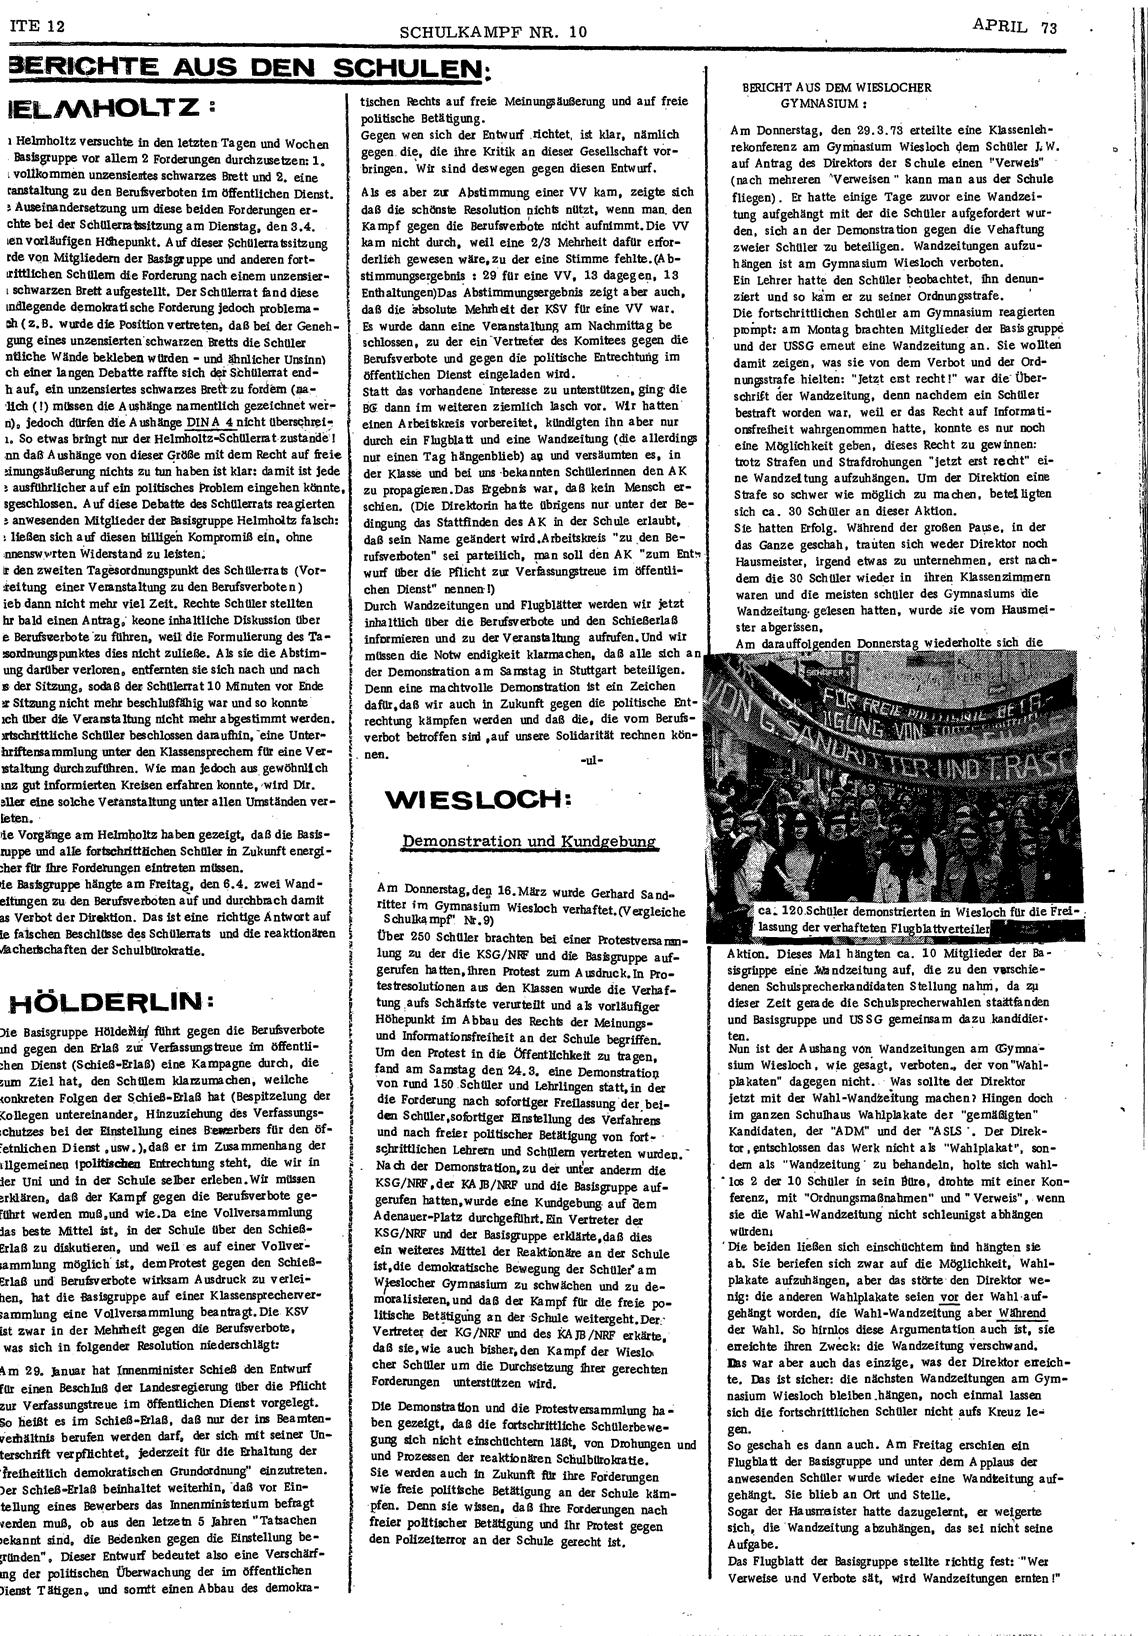 Schulkampf_HD_1973_10_12